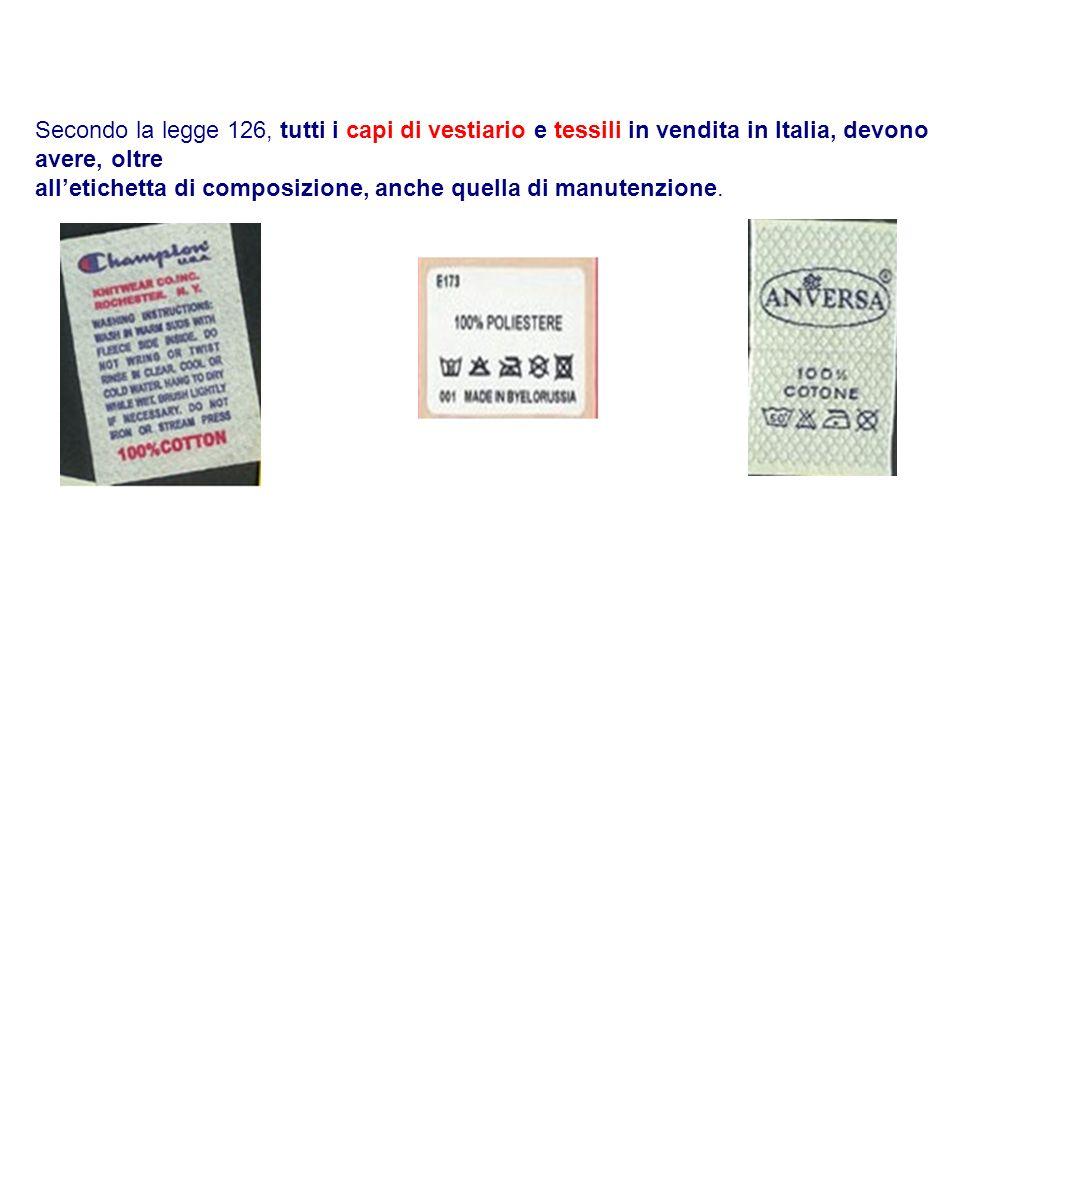 PREPARIAMO UN MODELLO DI TESSUTO CON ARMATURA DIAGONALE ·prendete 2 cartoncini colorati e 1 foglio a quadretti; ·usando i quadretti come traccia ritagliate 24 strisce da 1 cm (2 quadretti) ·attaccate con una striscia di scotch 8 fili di ORDITO ·fate passare i fili di trama (di diverso colore) sopra e sotto in modo alternato SEGUENDO LO SCHEMA